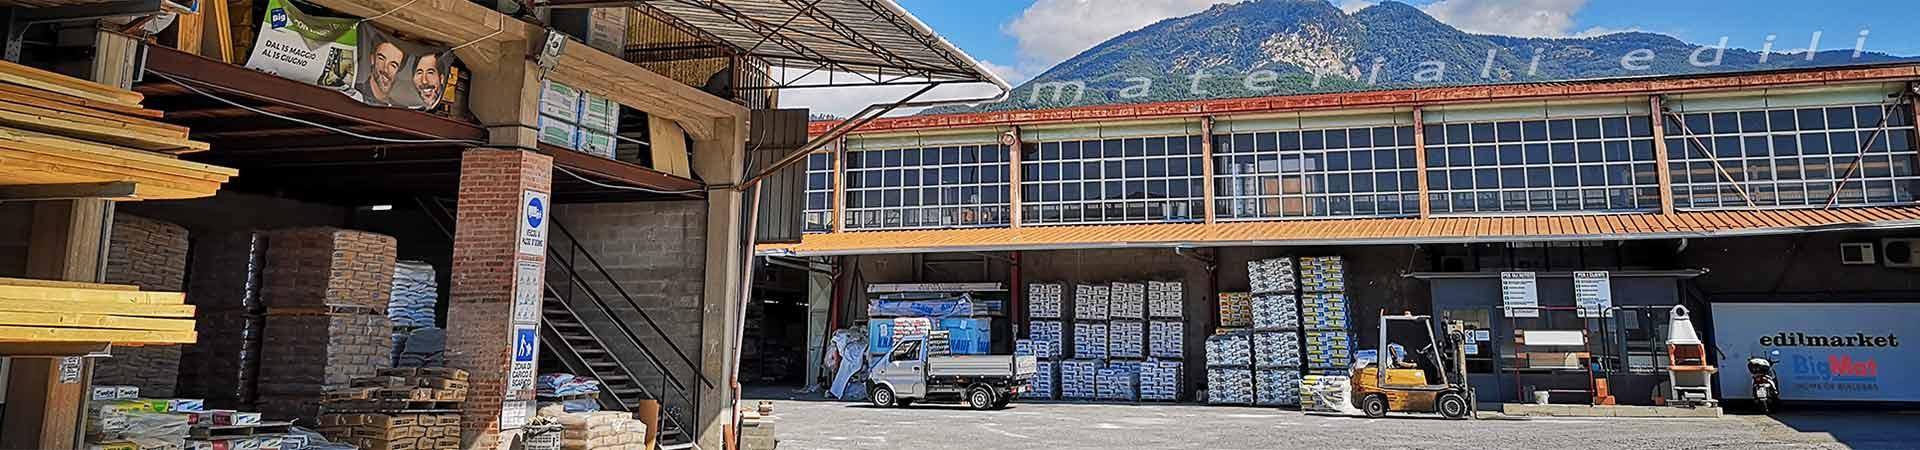 Produzione di tetti in legno, solai, e ferramenta a Massa Carrara in Toscana